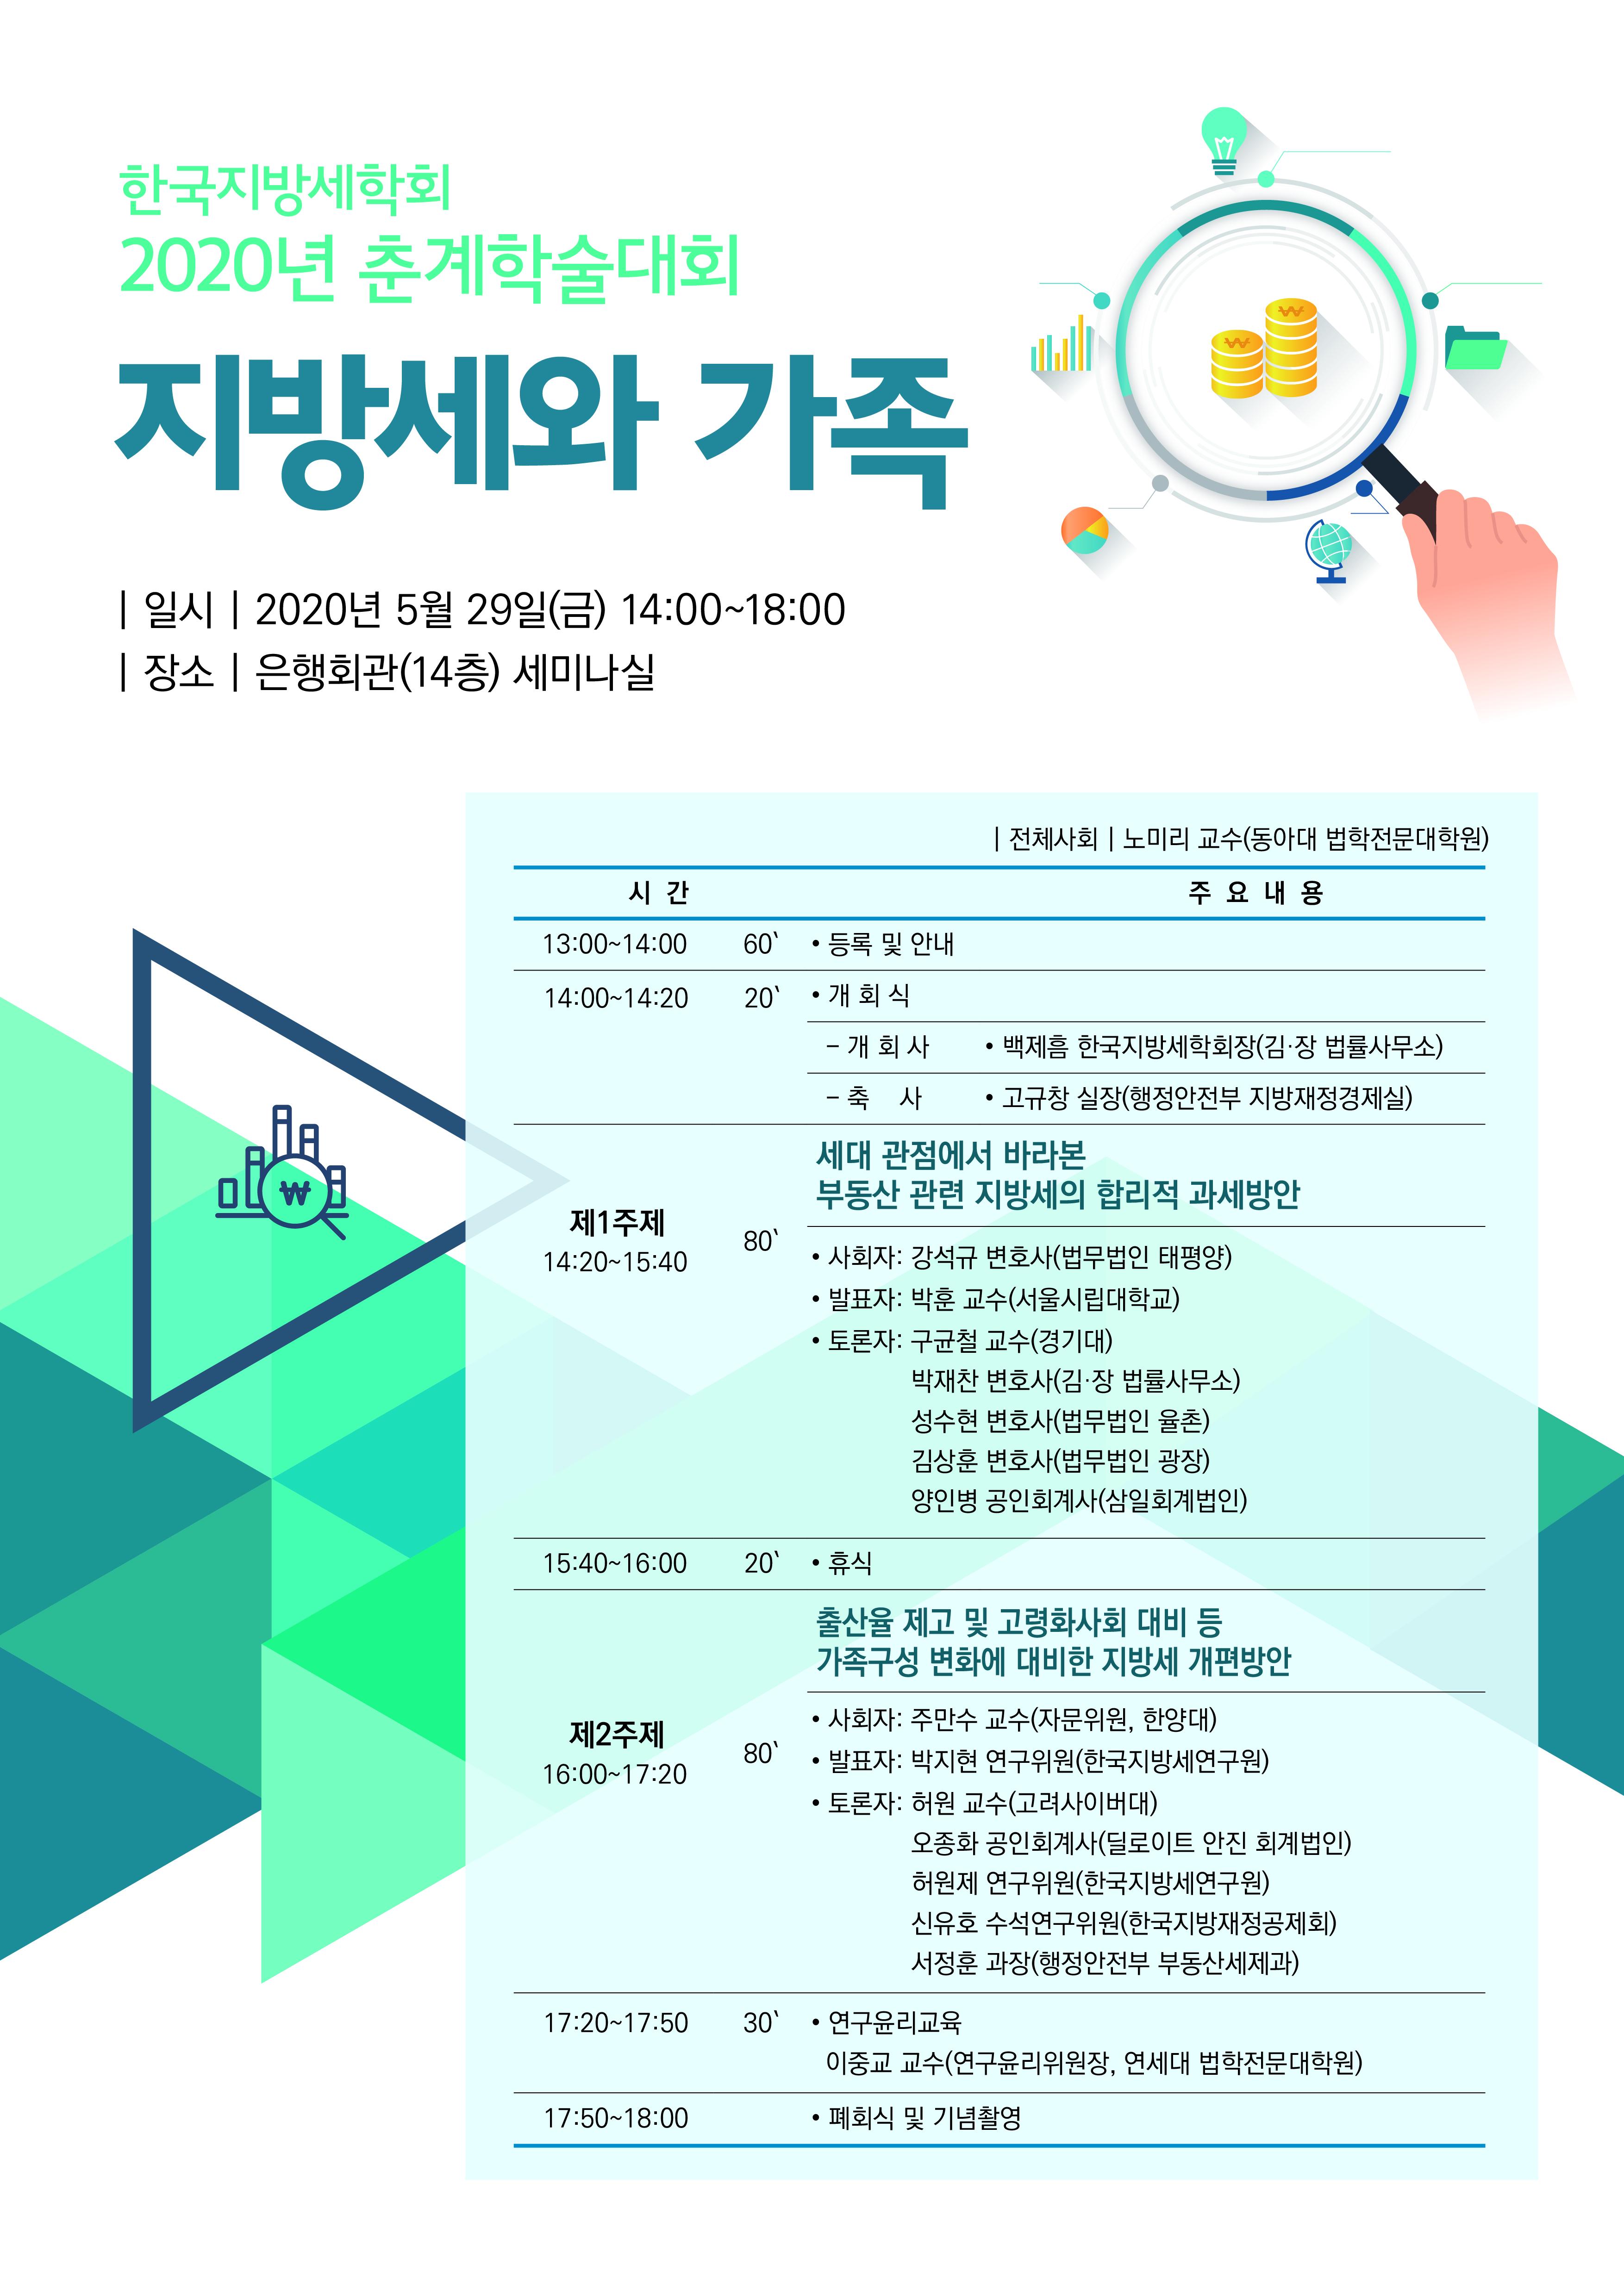 사본 -한국지방세학회_춘계학술대회_웹포스터 200508.jpg